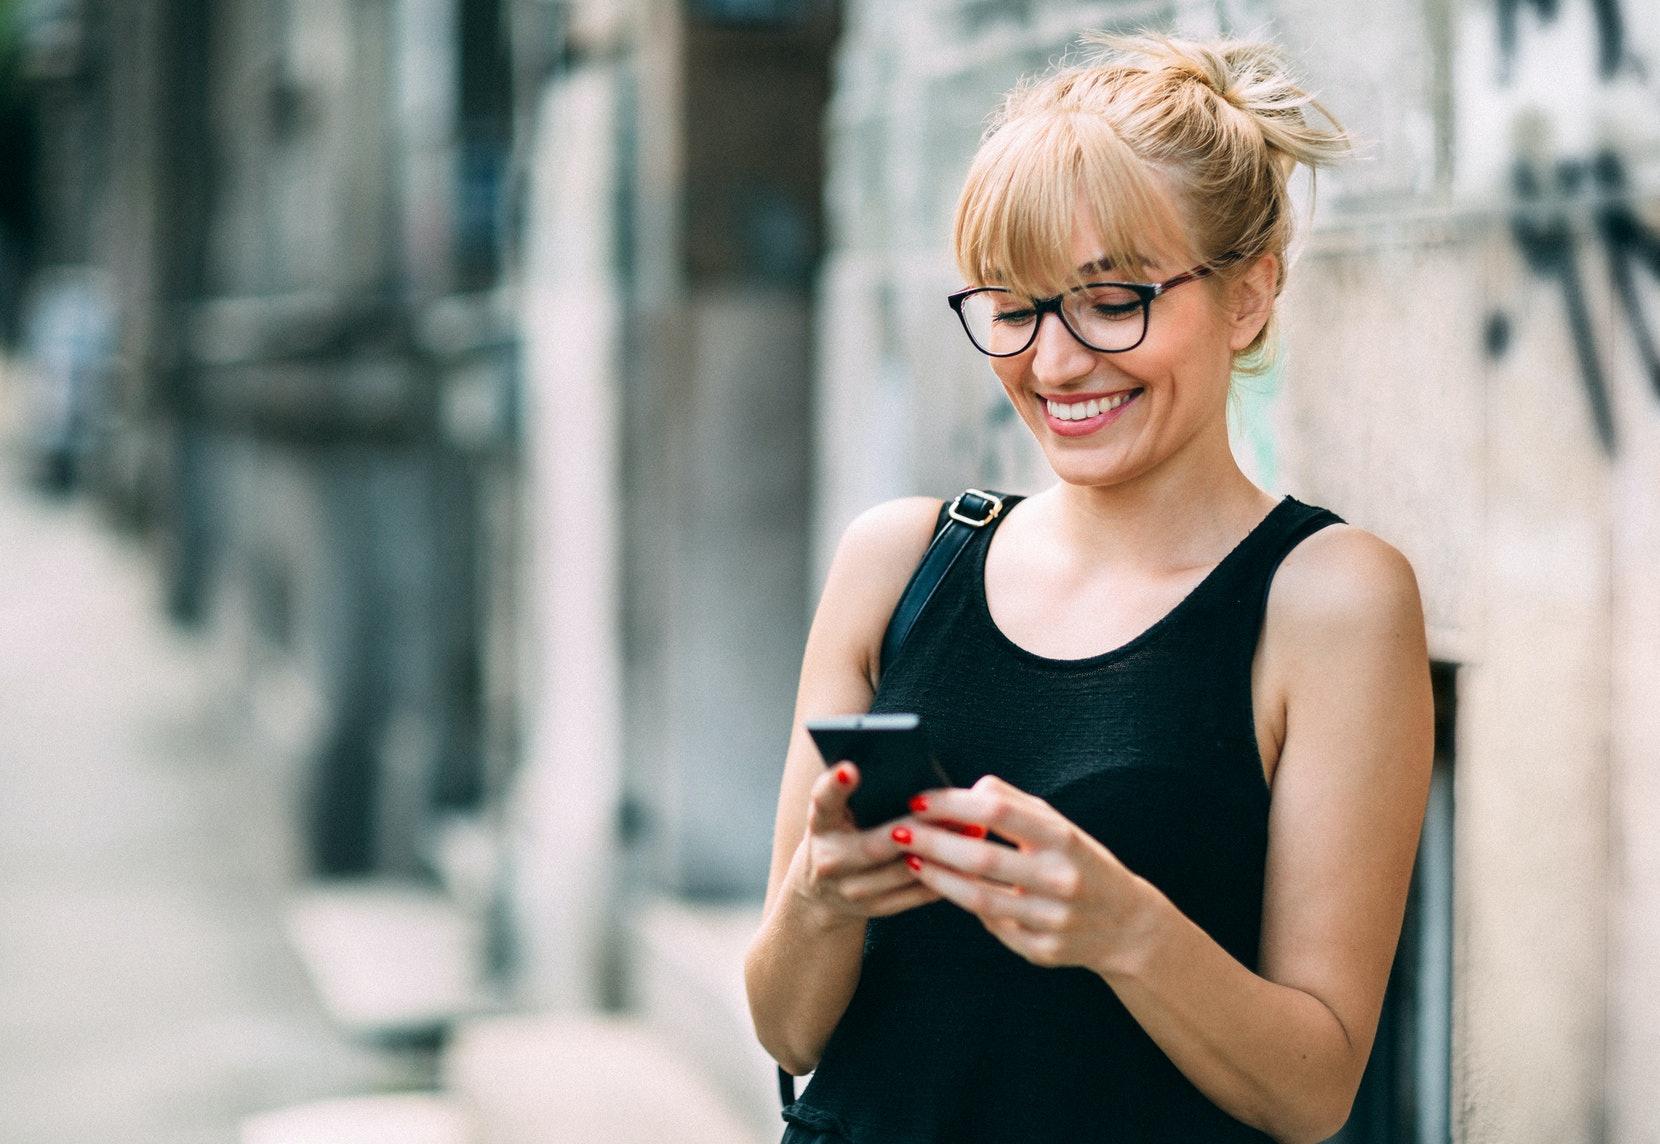 het beste online dating introducties